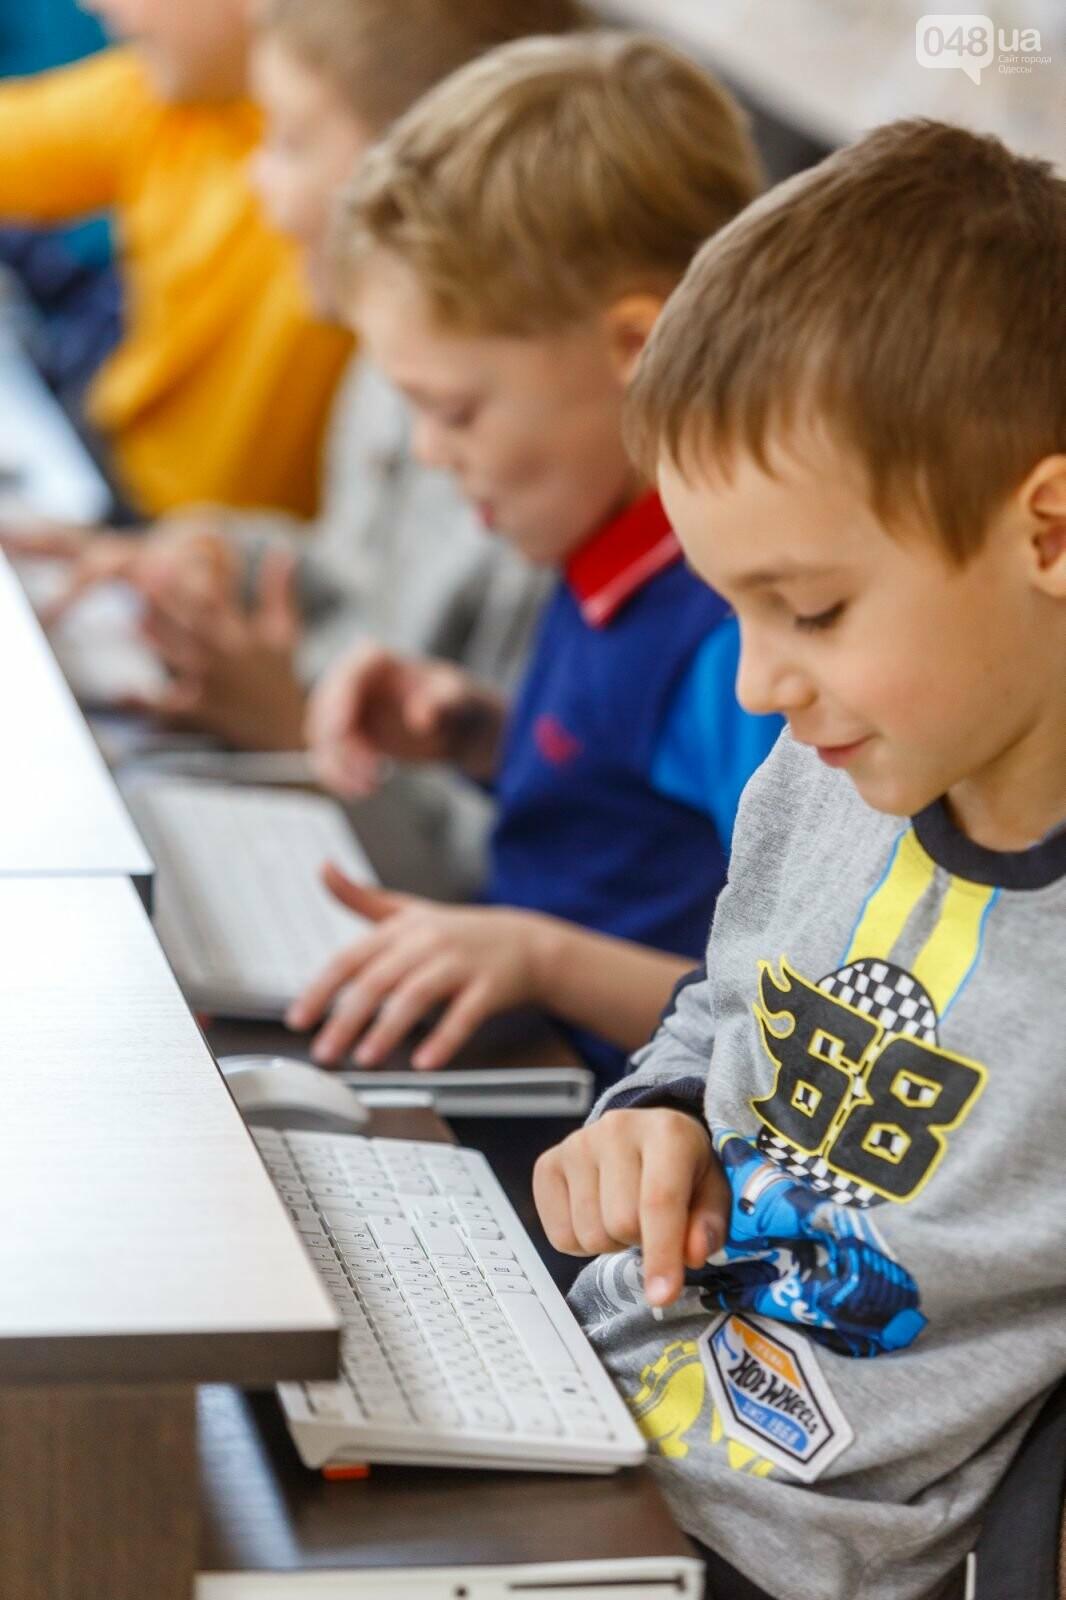 В Одессе появилась кибершкола для превращения детей в Стивов Джобсов. Будущее уже наступило., фото-2